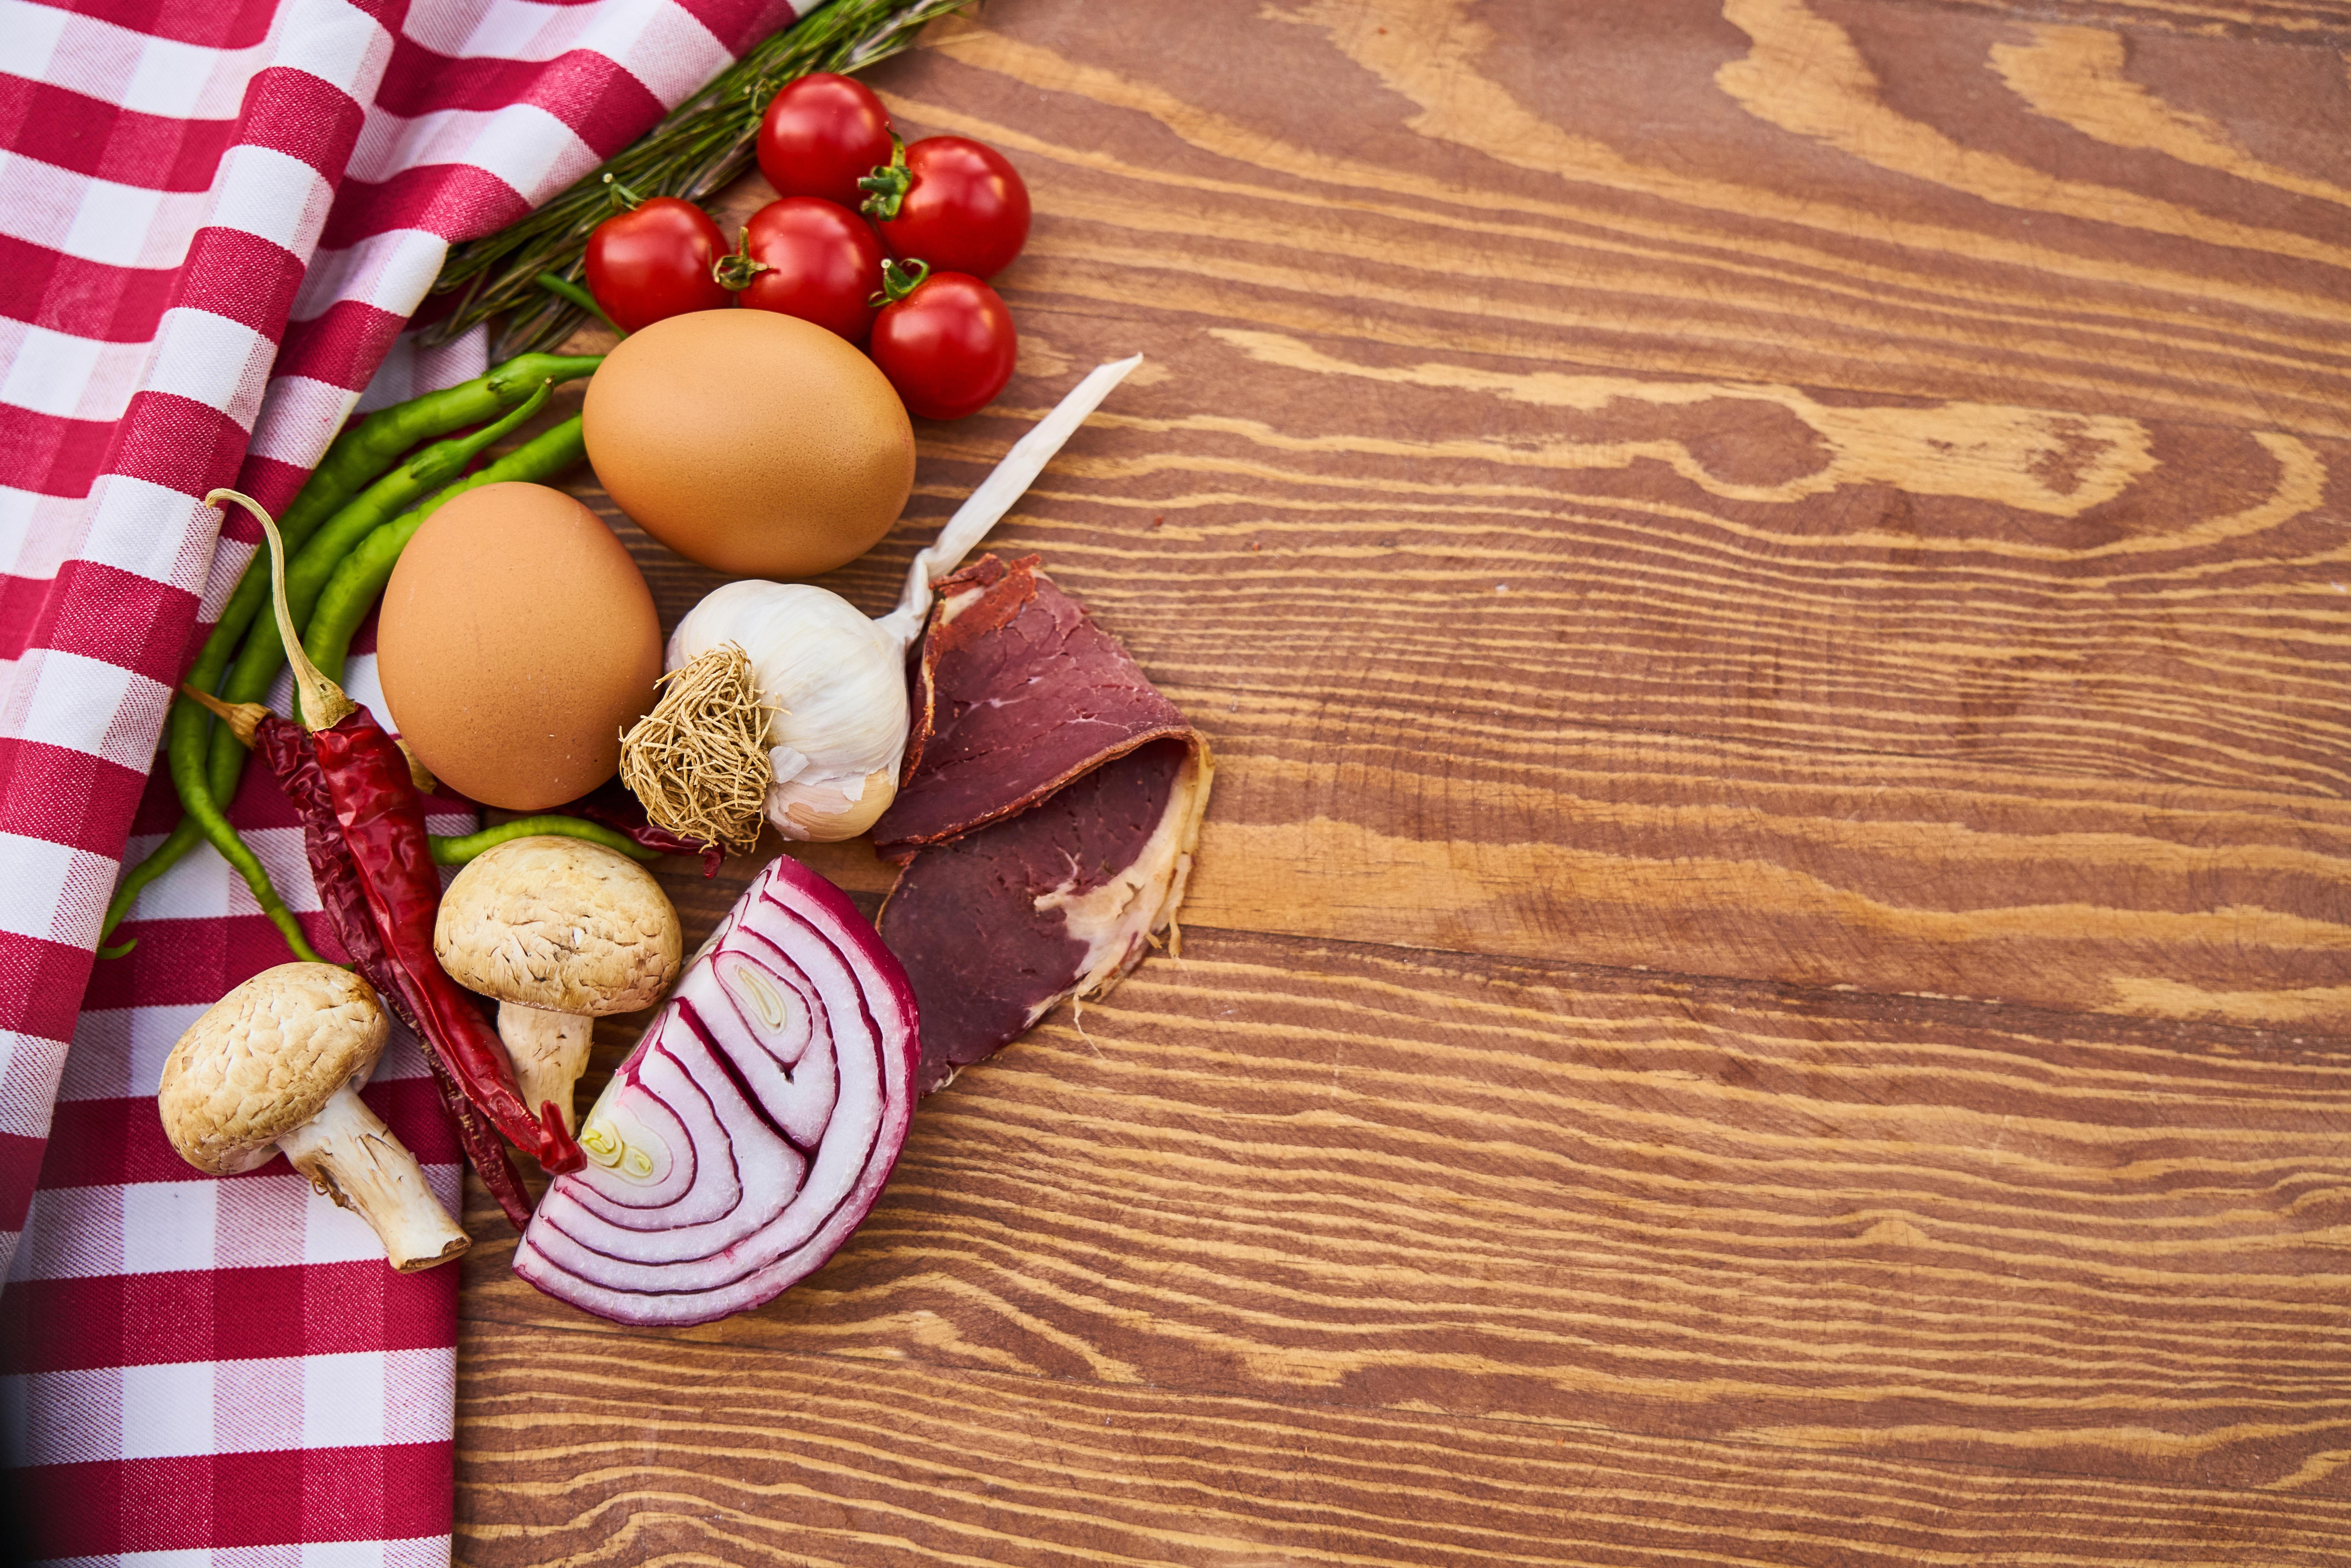 Bilder von Spargel eier Tomate Zwiebel Chili Pfeffer Pilze Schinken Knoblauch Lebensmittel Ei Tomaten das Essen